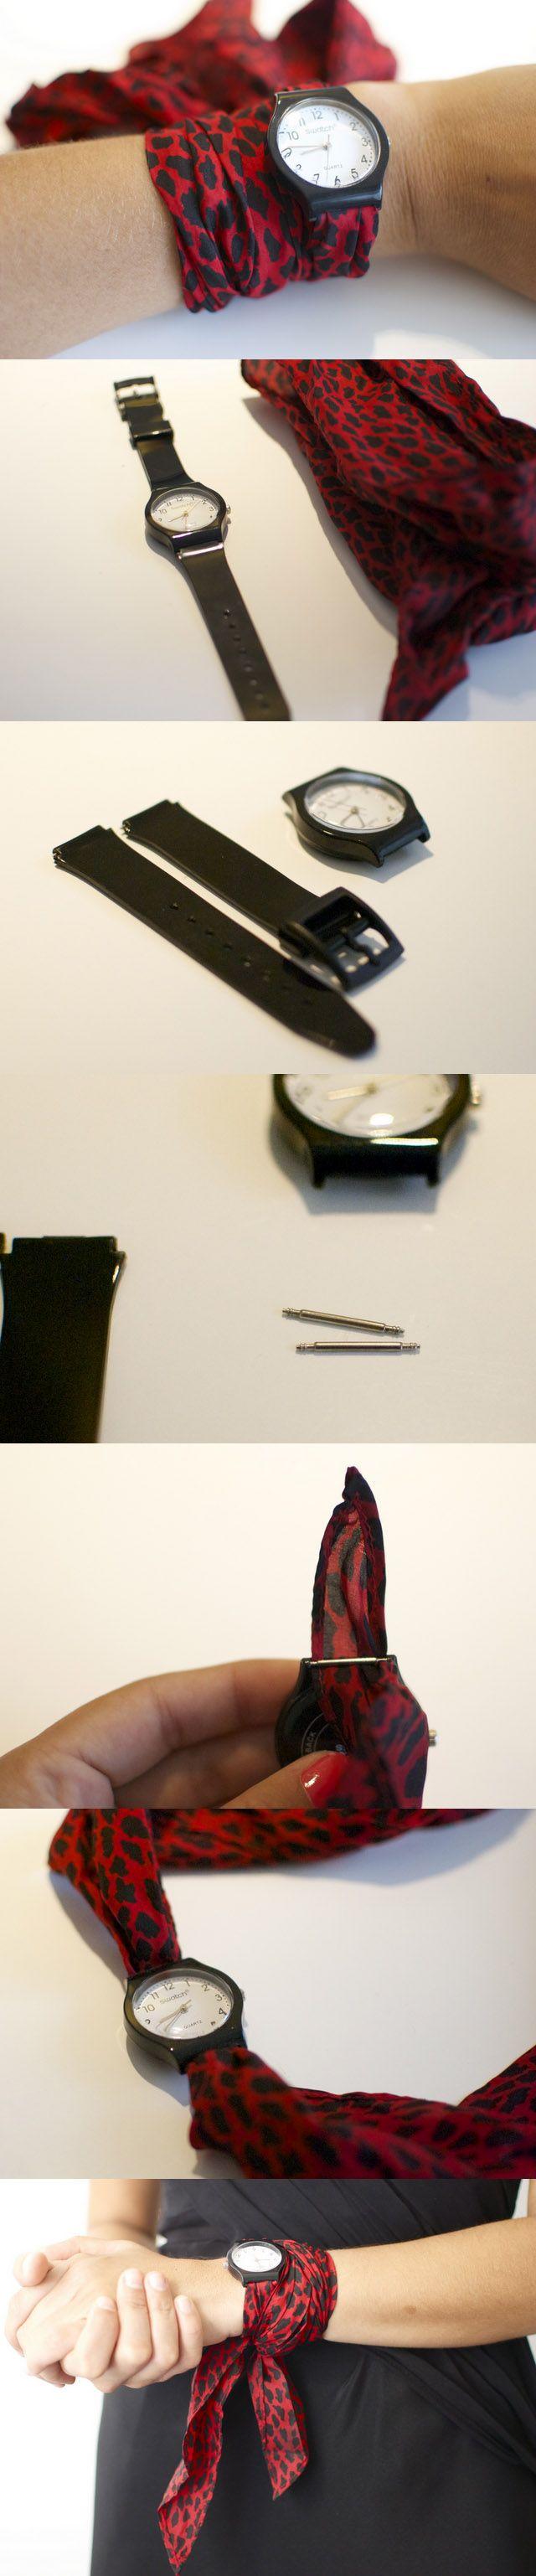 Ingenioso reloj de pulsera